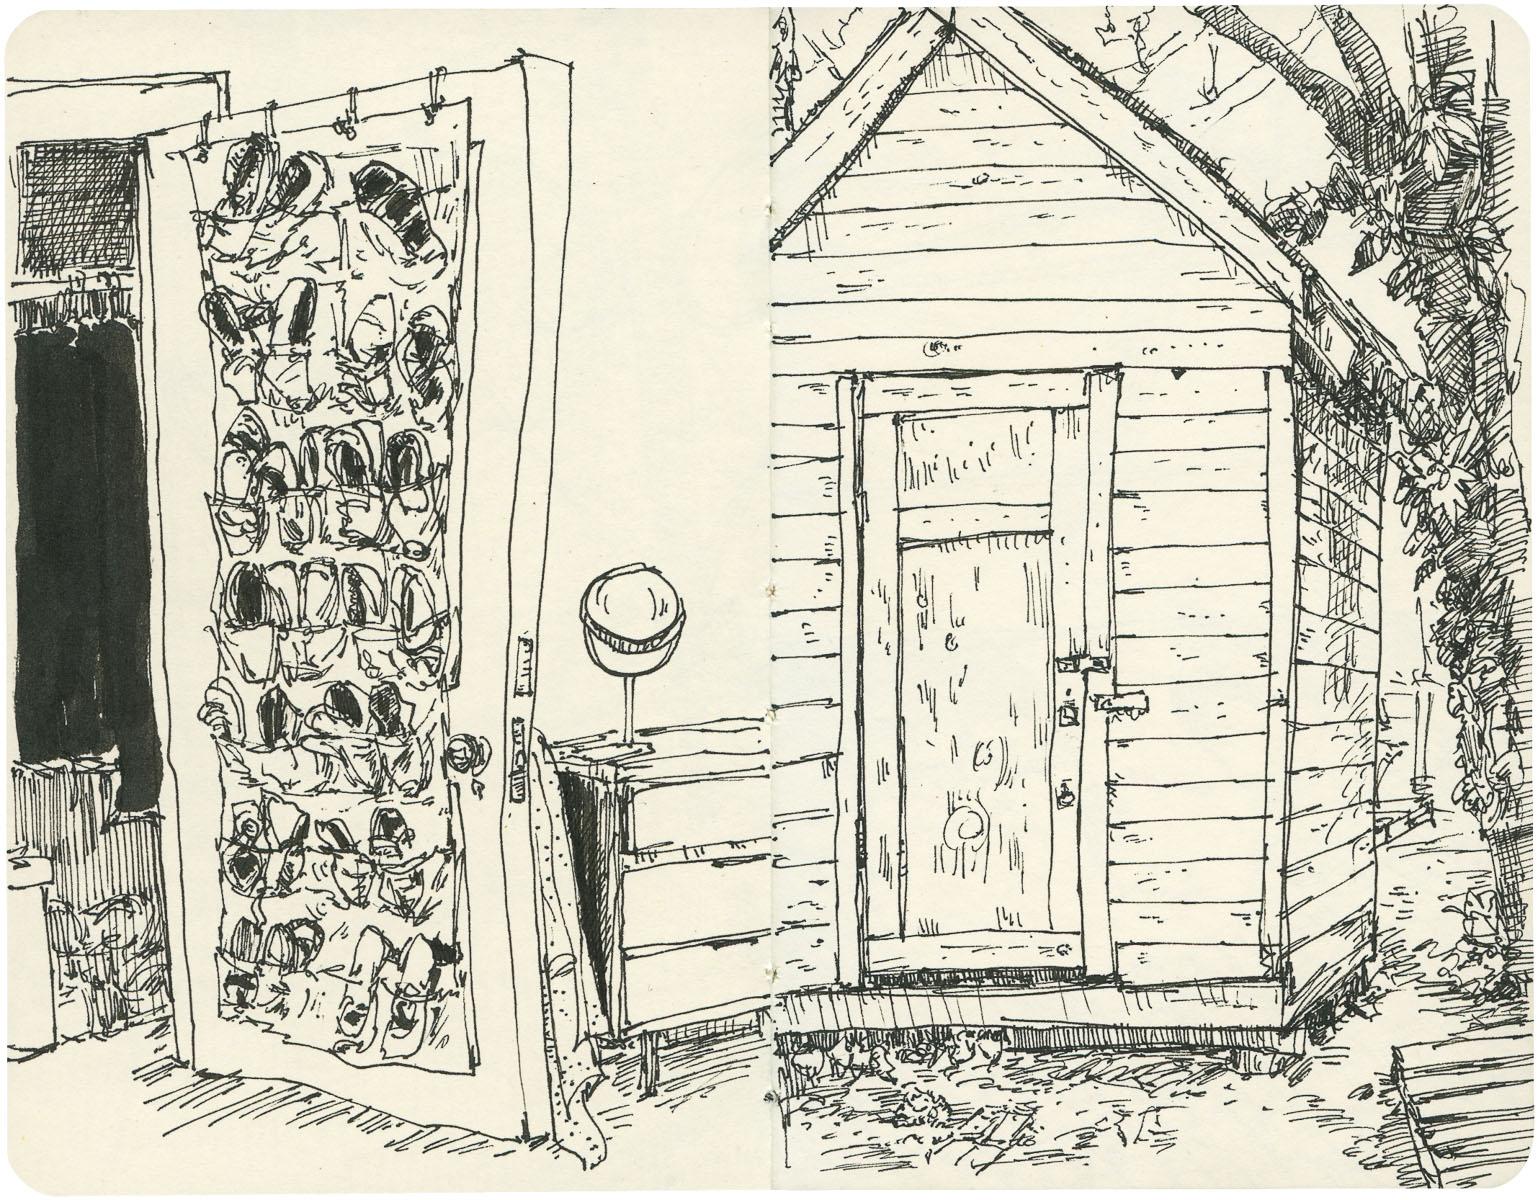 Sketchbook: Closet Door/Shed